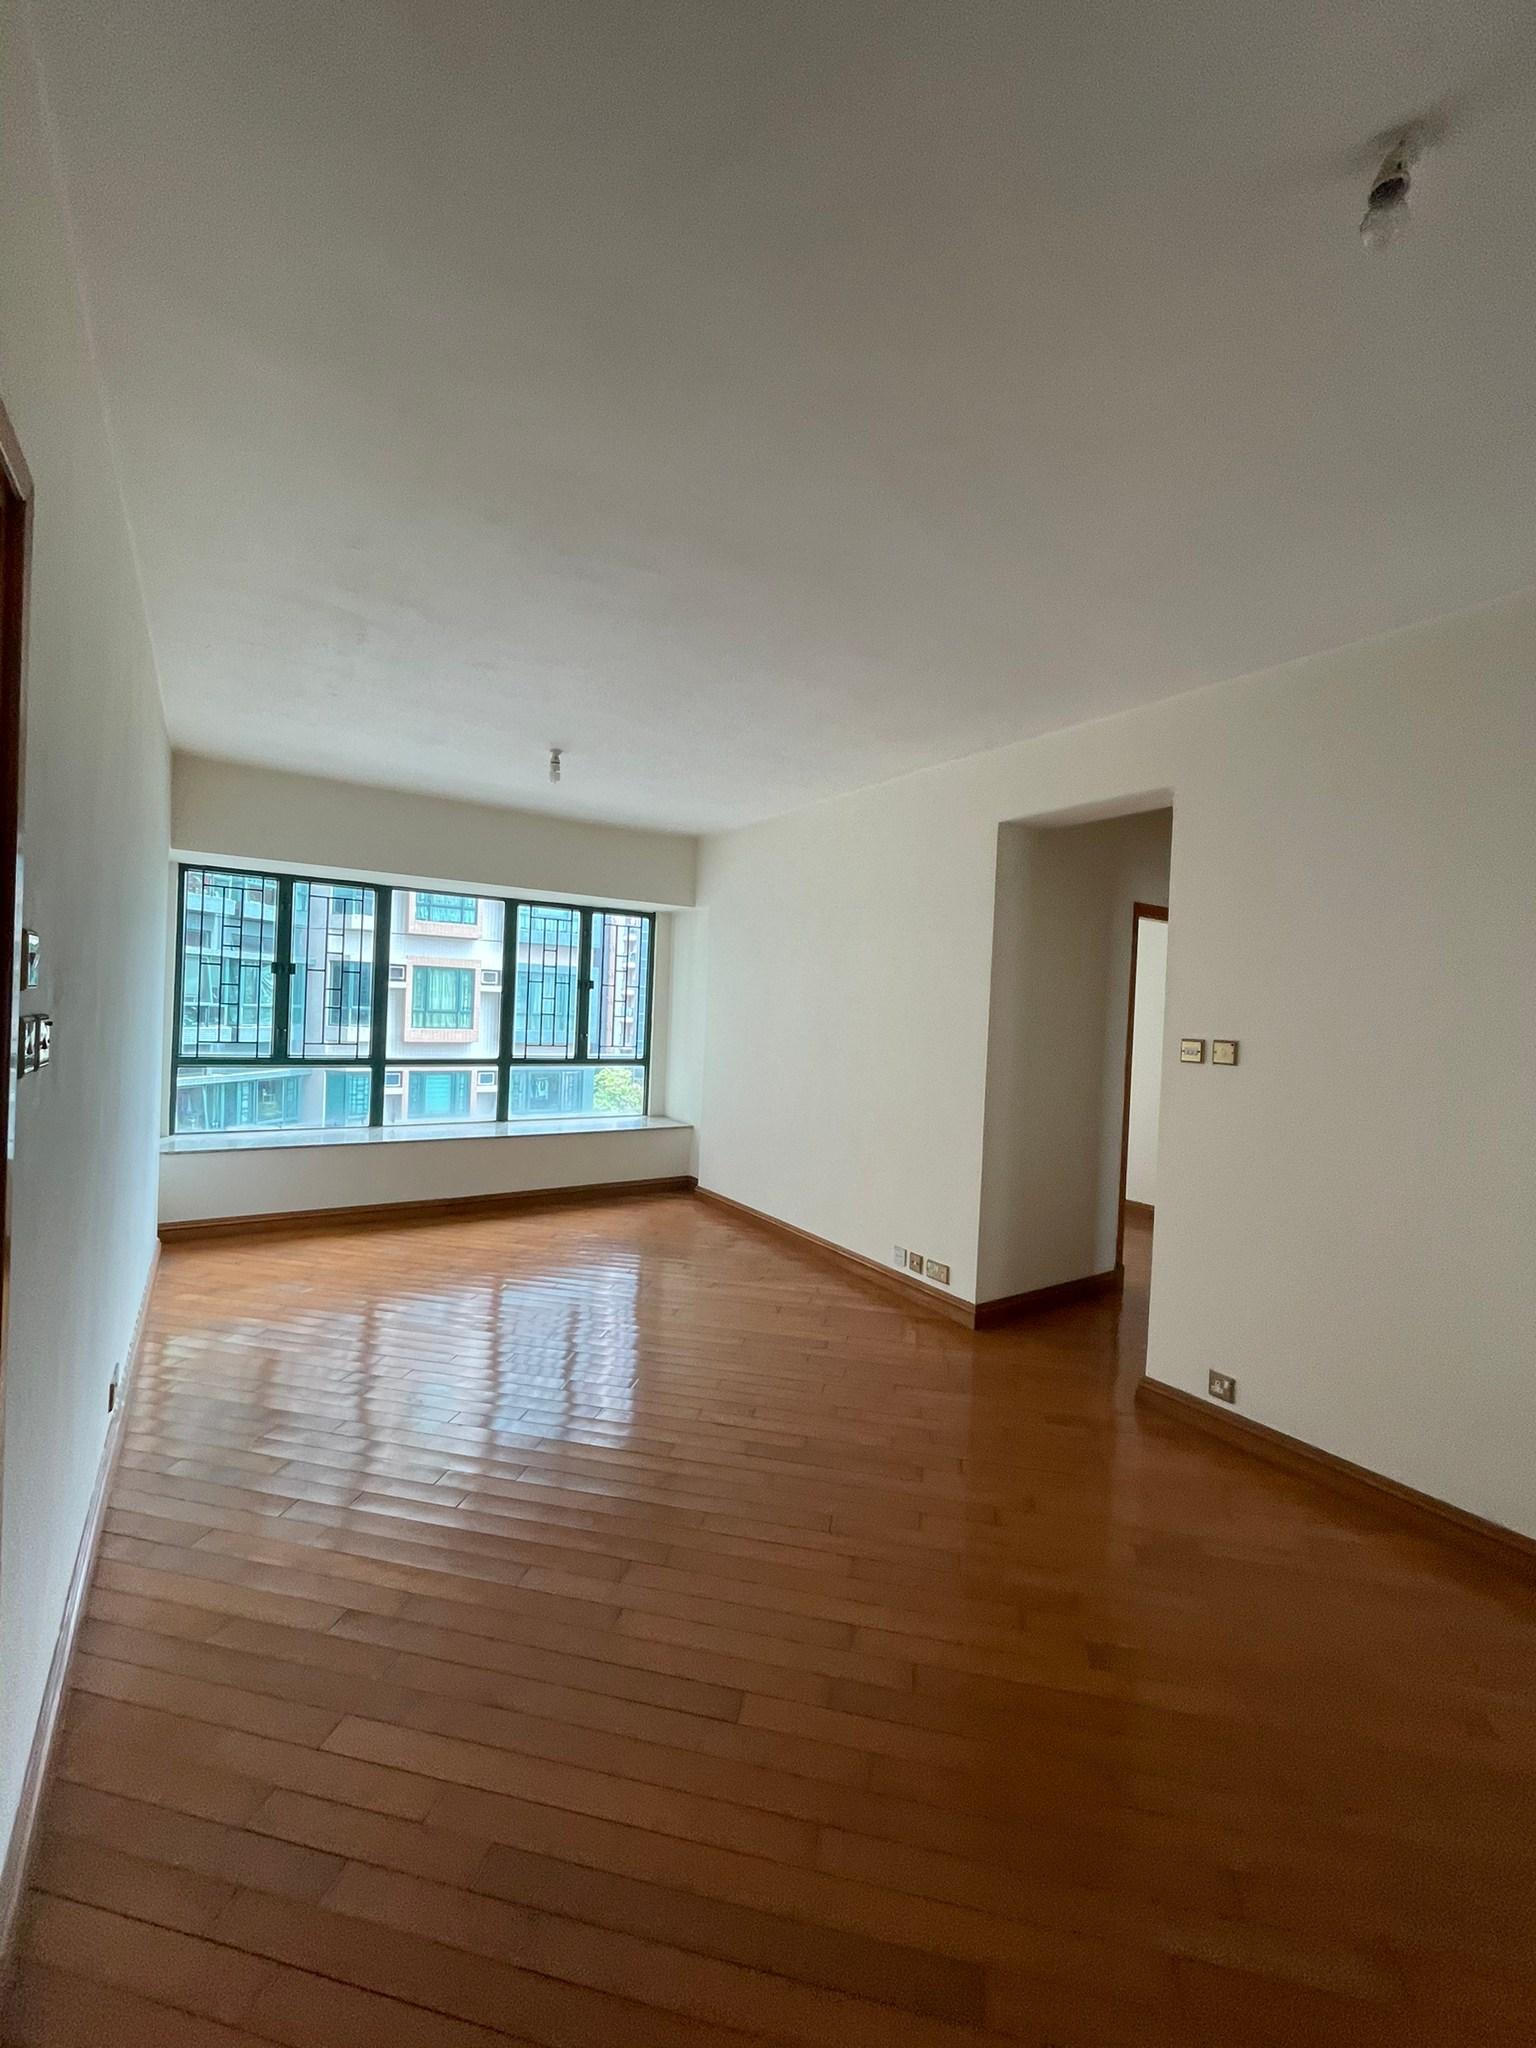 新鴻基市區豪宅,臨近鐵路,極大三房,周内必走